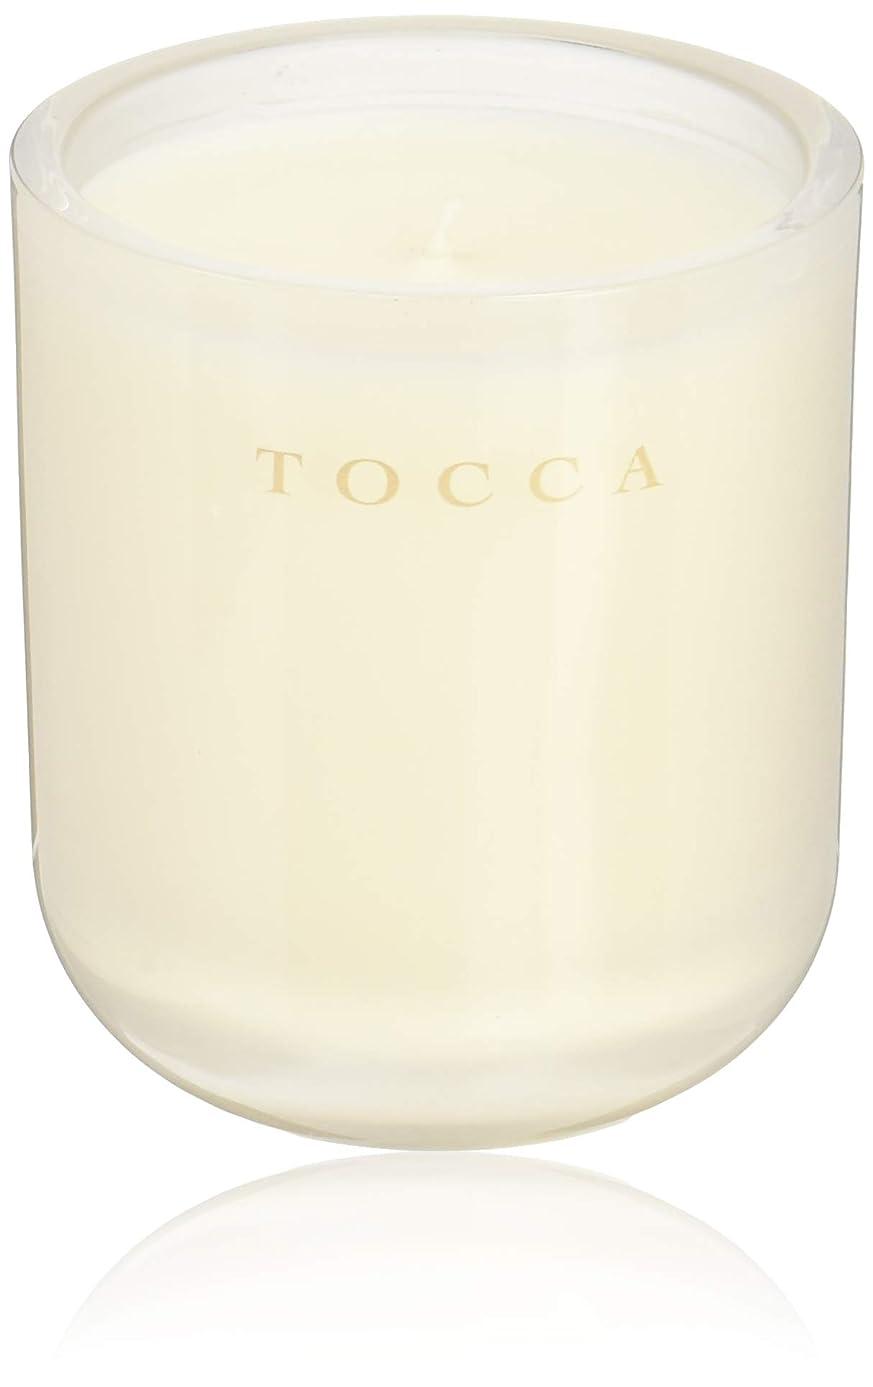 雑品頬骨気球TOCCA(トッカ) ボヤージュ キャンドル ボラボラ 287g (ろうそく 芳香 バニラとジャスミンの甘く柔らかな香り)